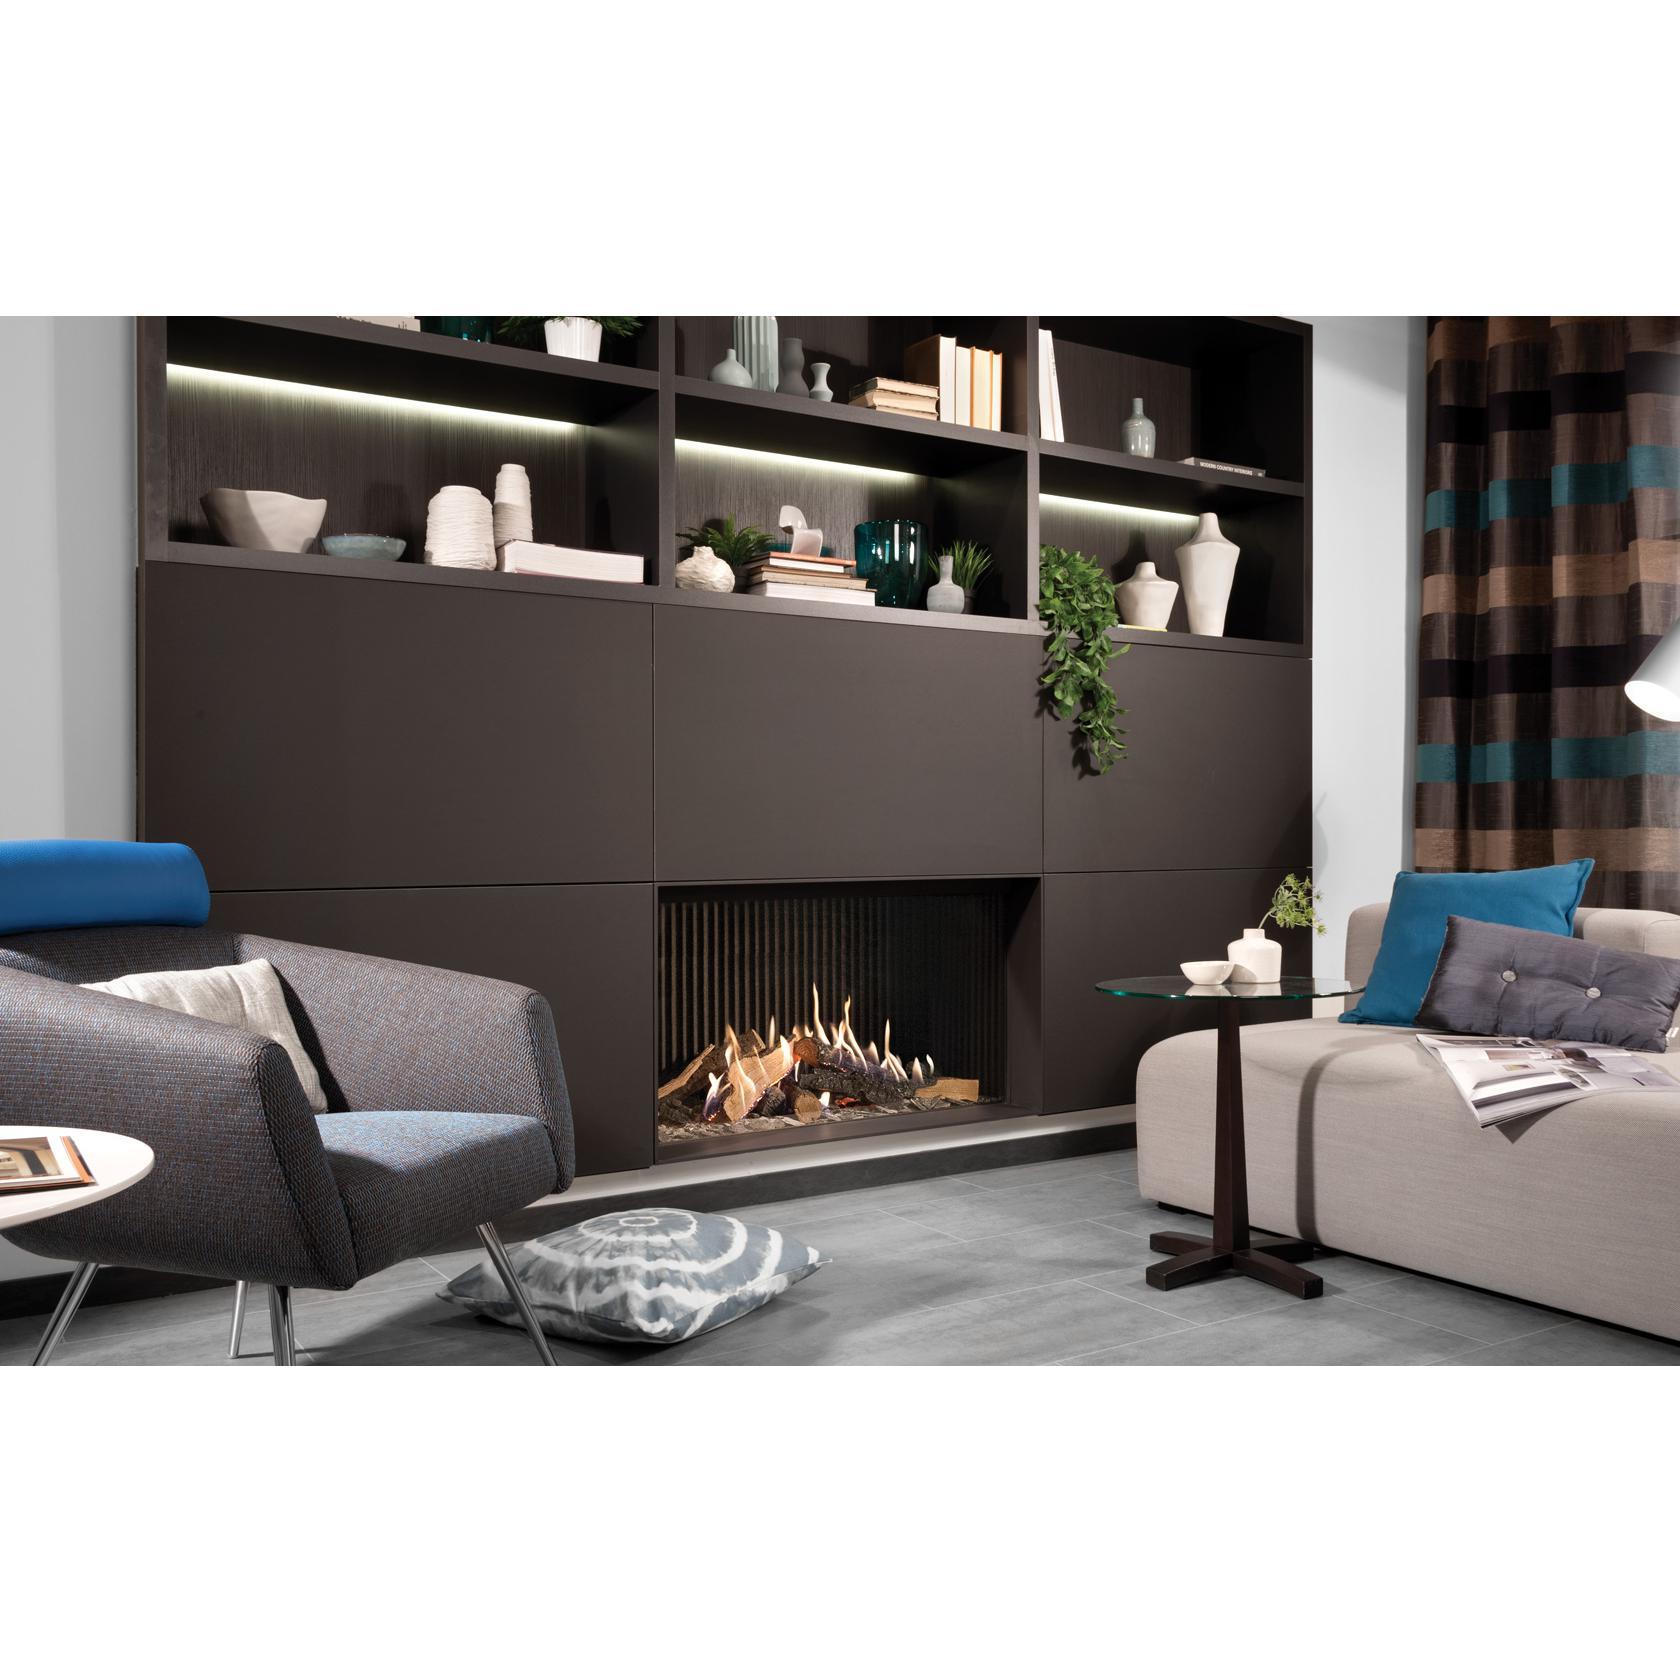 Caminetti: riscalda la tua casa con il bello della fiamma -